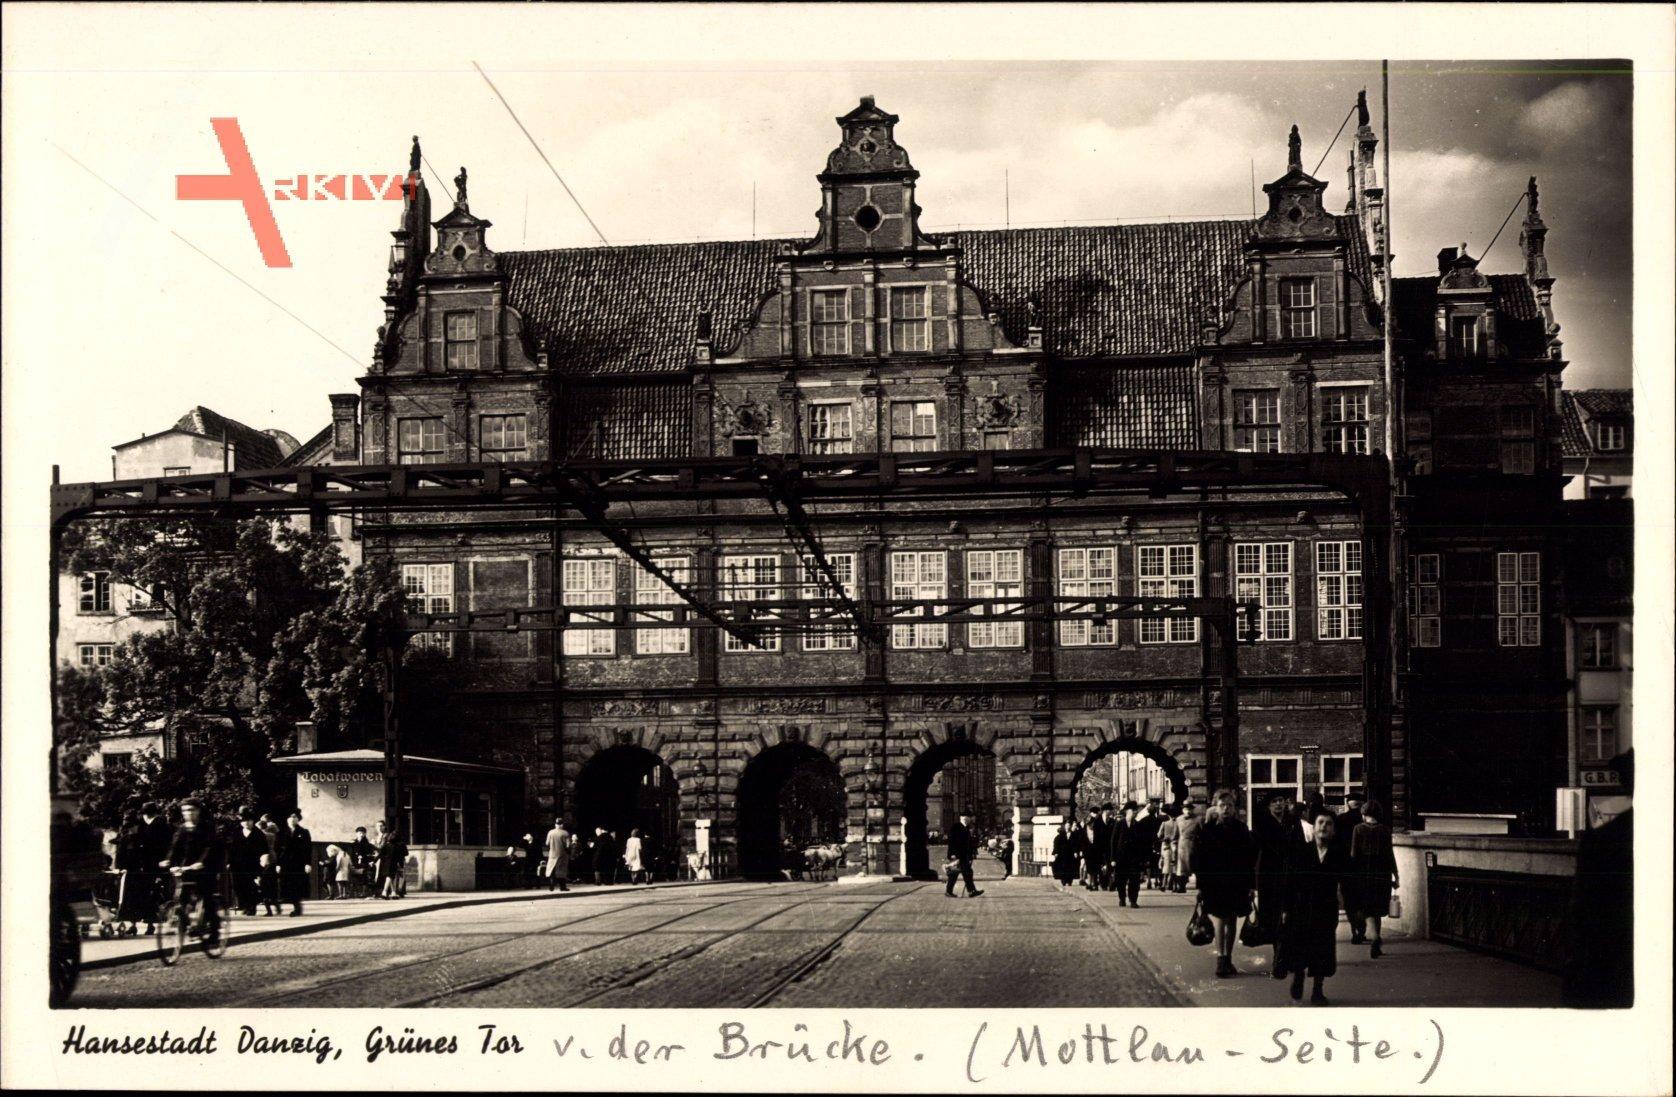 Gdańsk Danzig, Straßenpartie mit Blick auf das Grüne Tor, Passanten